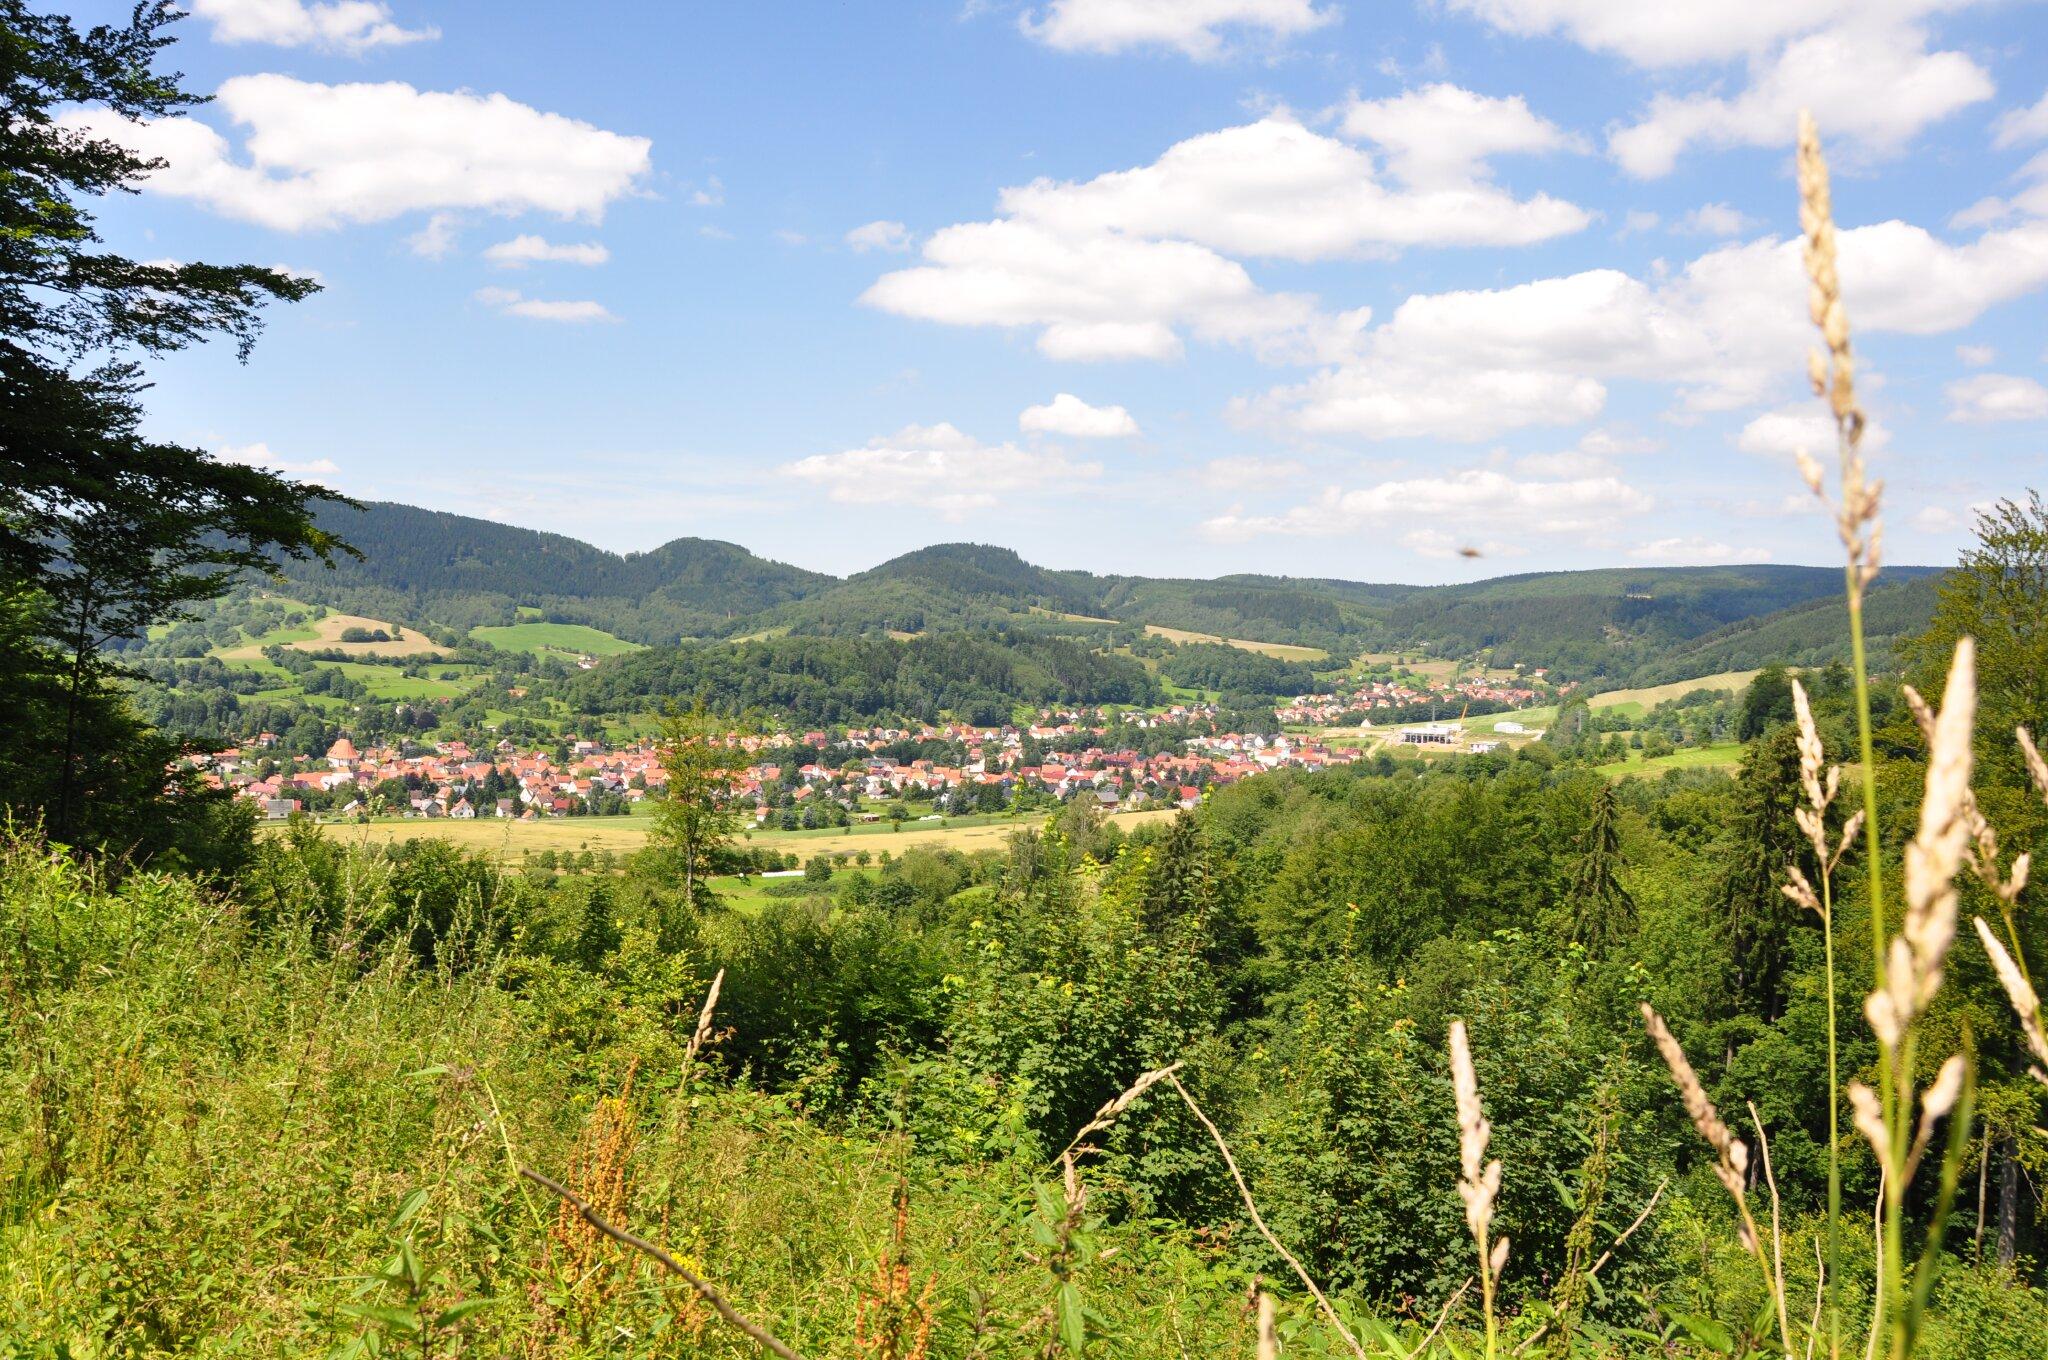 Blick auf den Ort Seligenthal